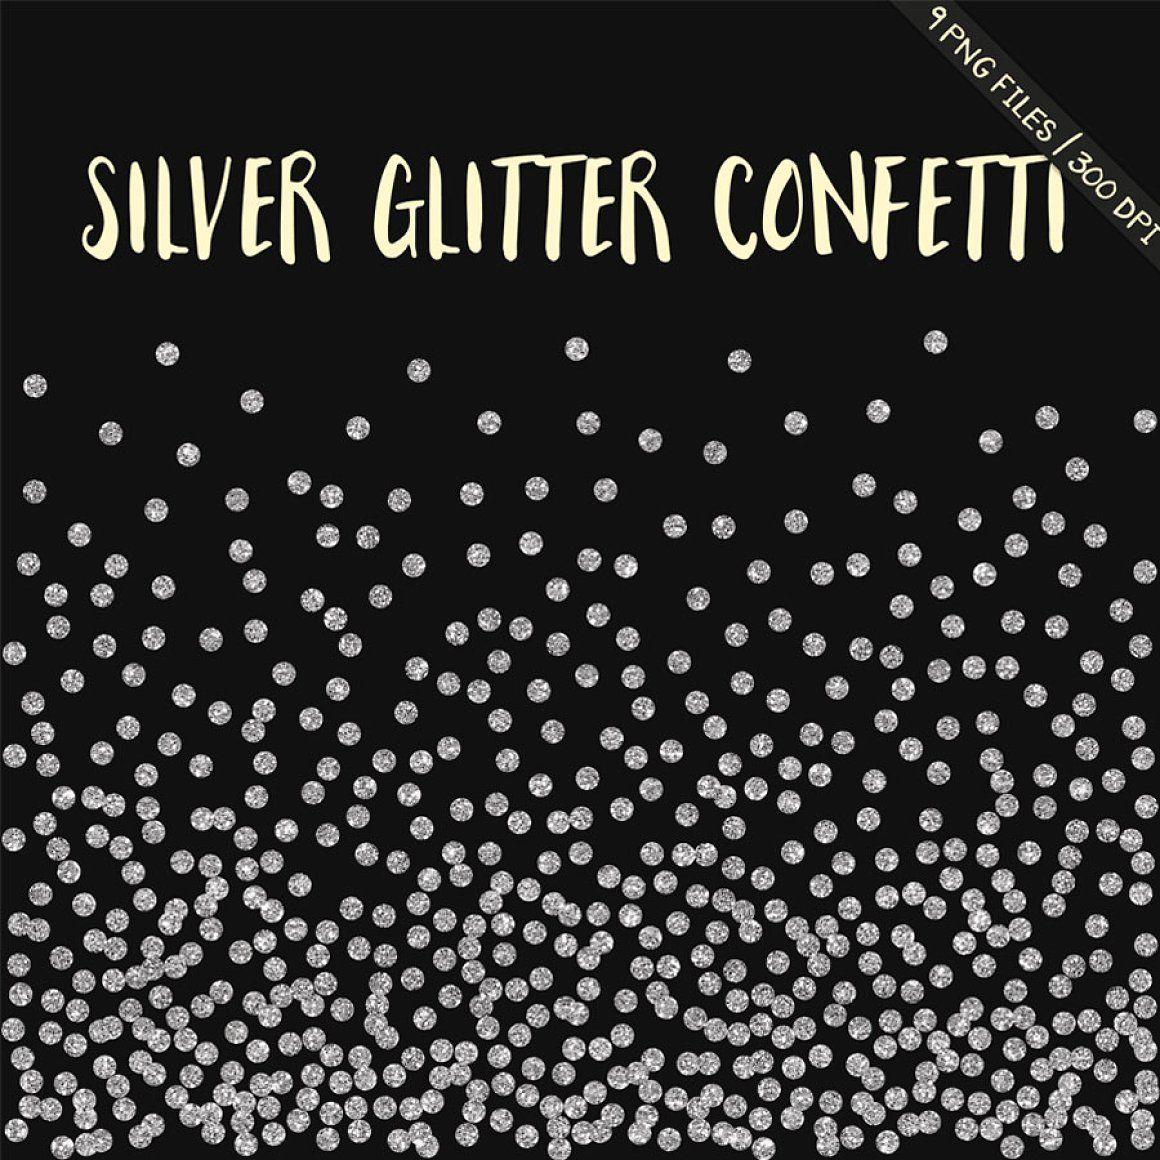 Silver Glitter Confetti Clipart Confetti Borders Confetti Clipart Confetti Clip Art Glitter Confetti Borders Glit Glitter Confetti Clip Art Scrapbook Materials